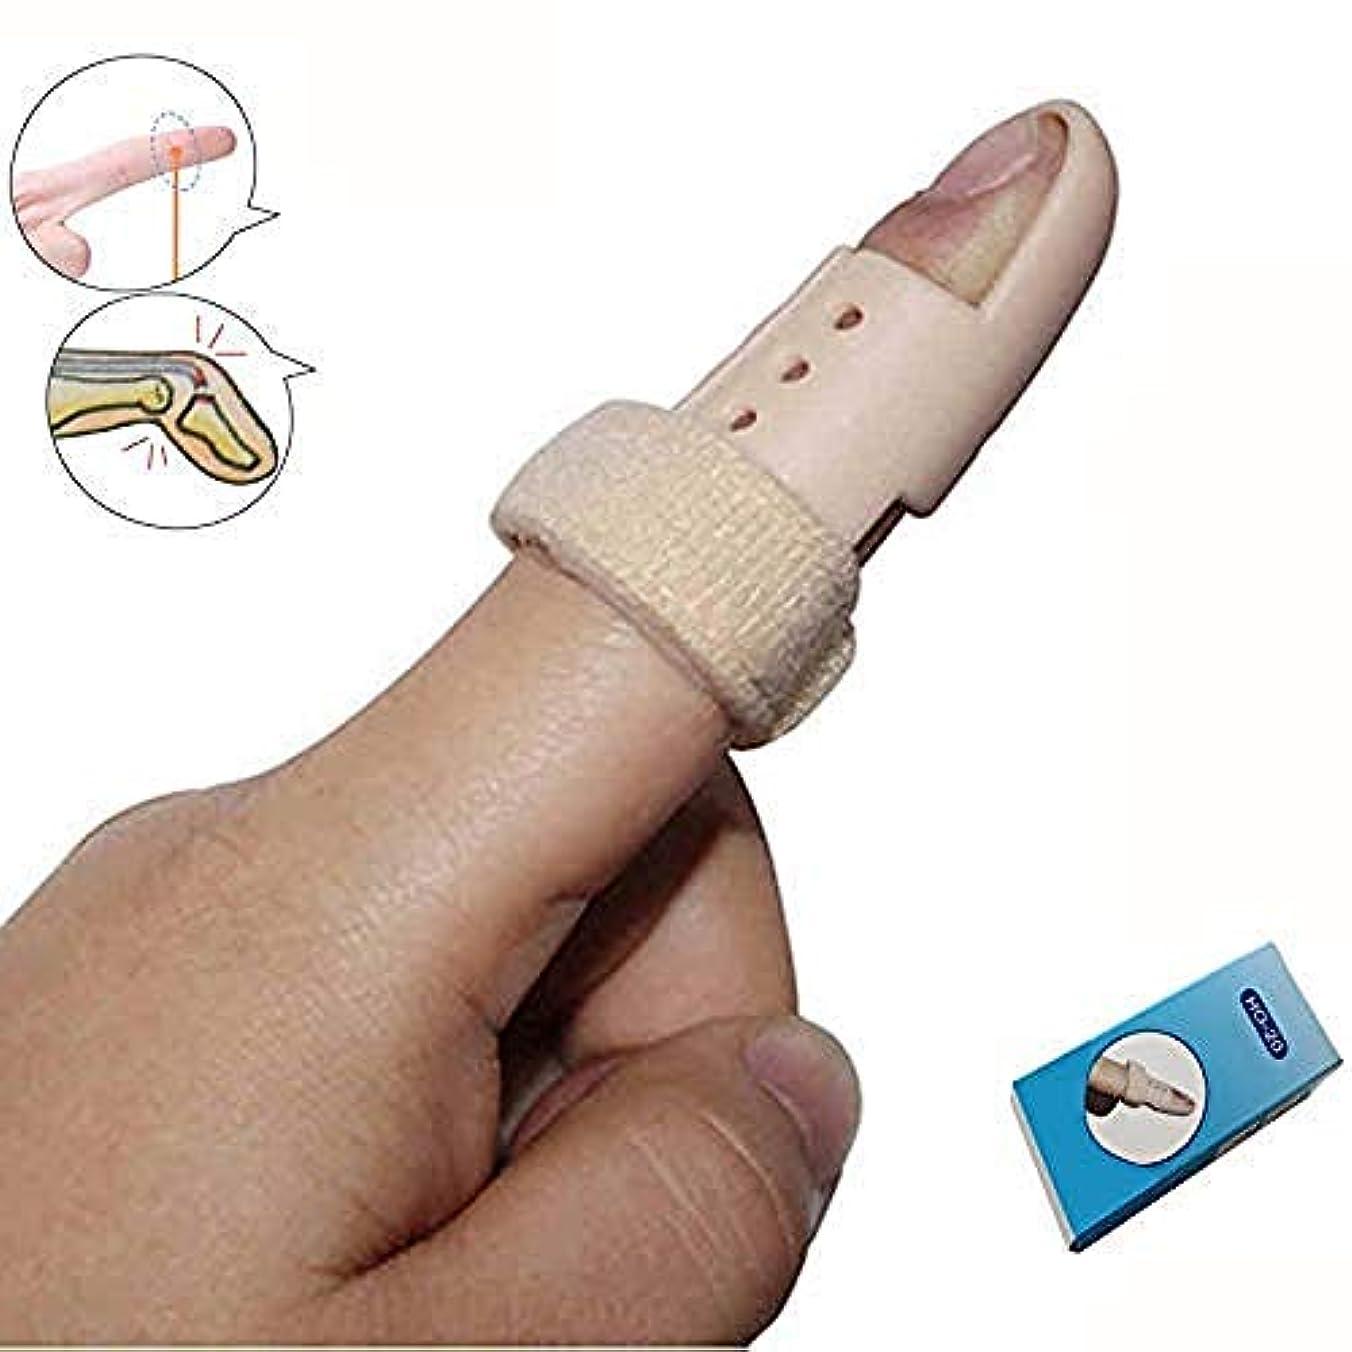 アプライアンスメンダシティ組み立てる指の損傷のサポート、指トレーニングボード指アライナー指板右手左手使用リハビリ機器,04